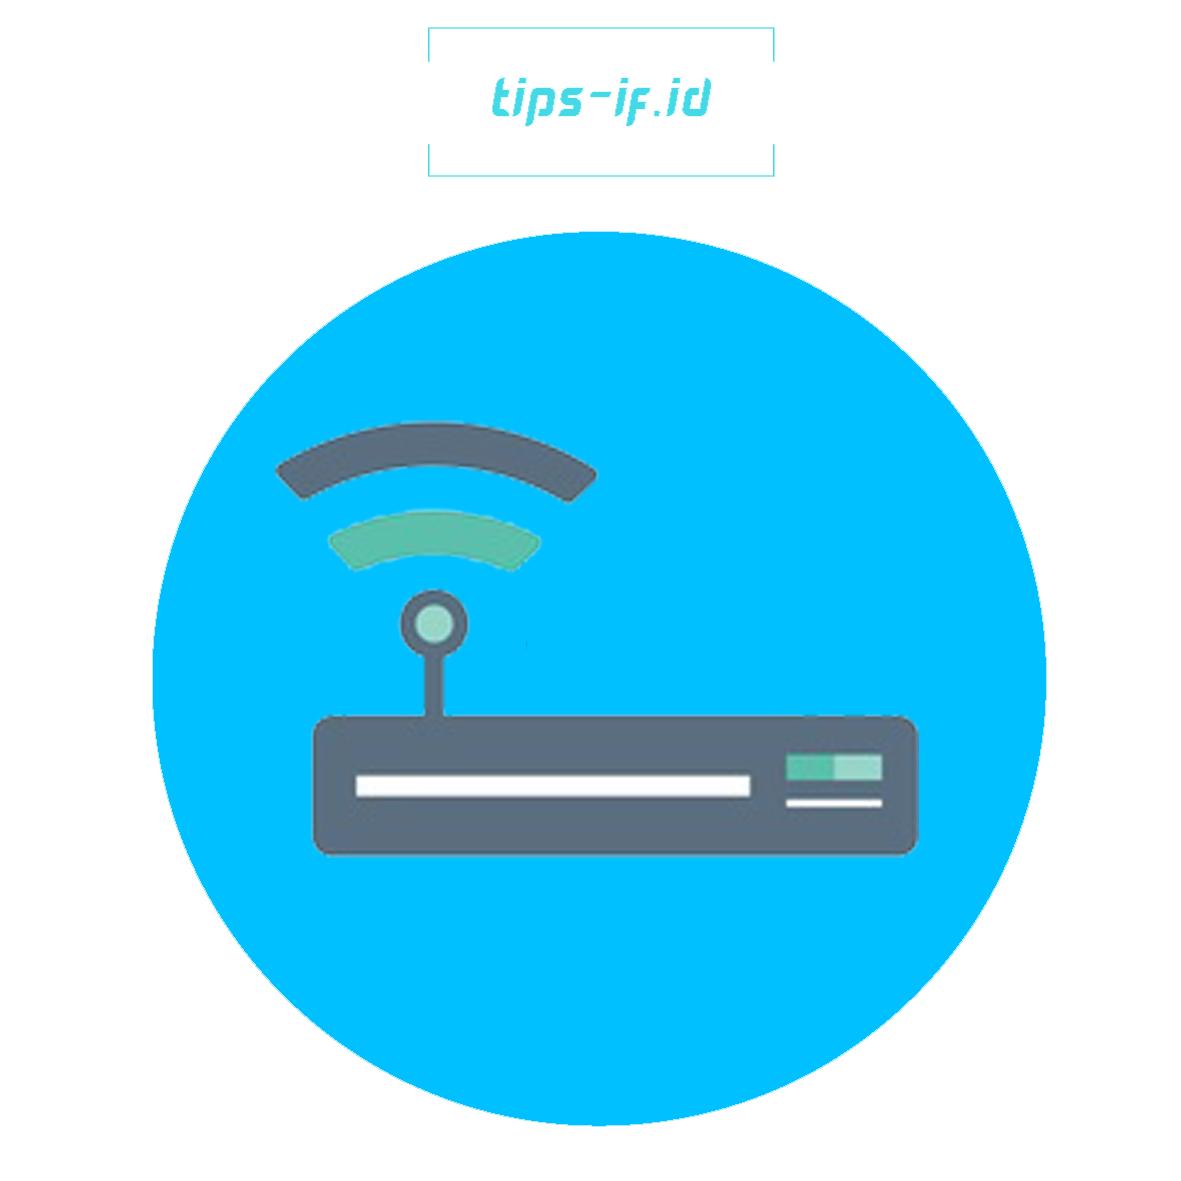 Cara Efektif Memasang Wifi Di Rumah Untuk Mendapatkan ...